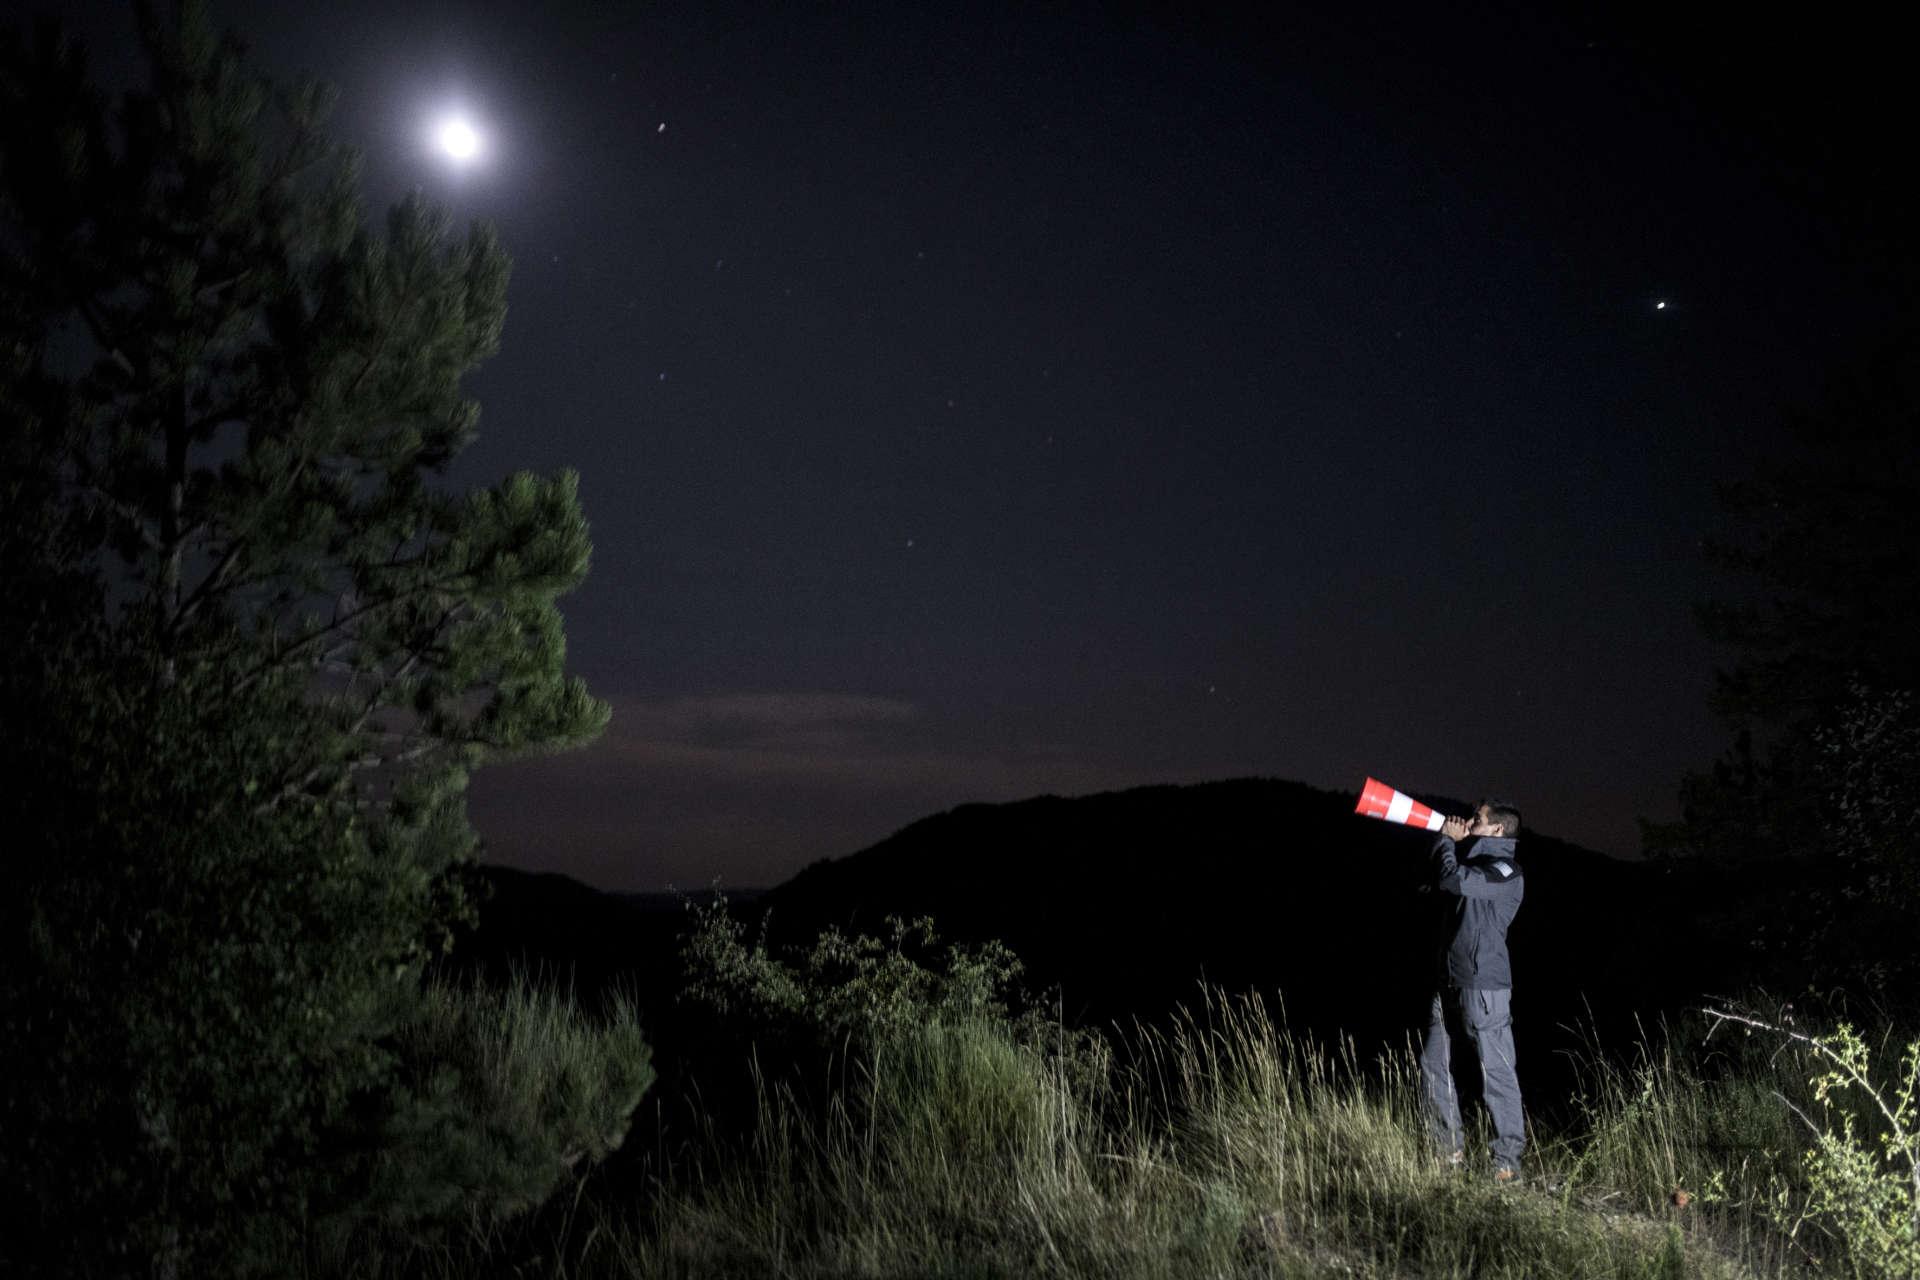 Pour provoquer une réponse du loup, chacun se munit d'un cône de signalisation et imite, à intervalles réguliers, son hurlement. Dans lavallée du Vançon (Alpes-de-Haute-Provence) le 13 août.